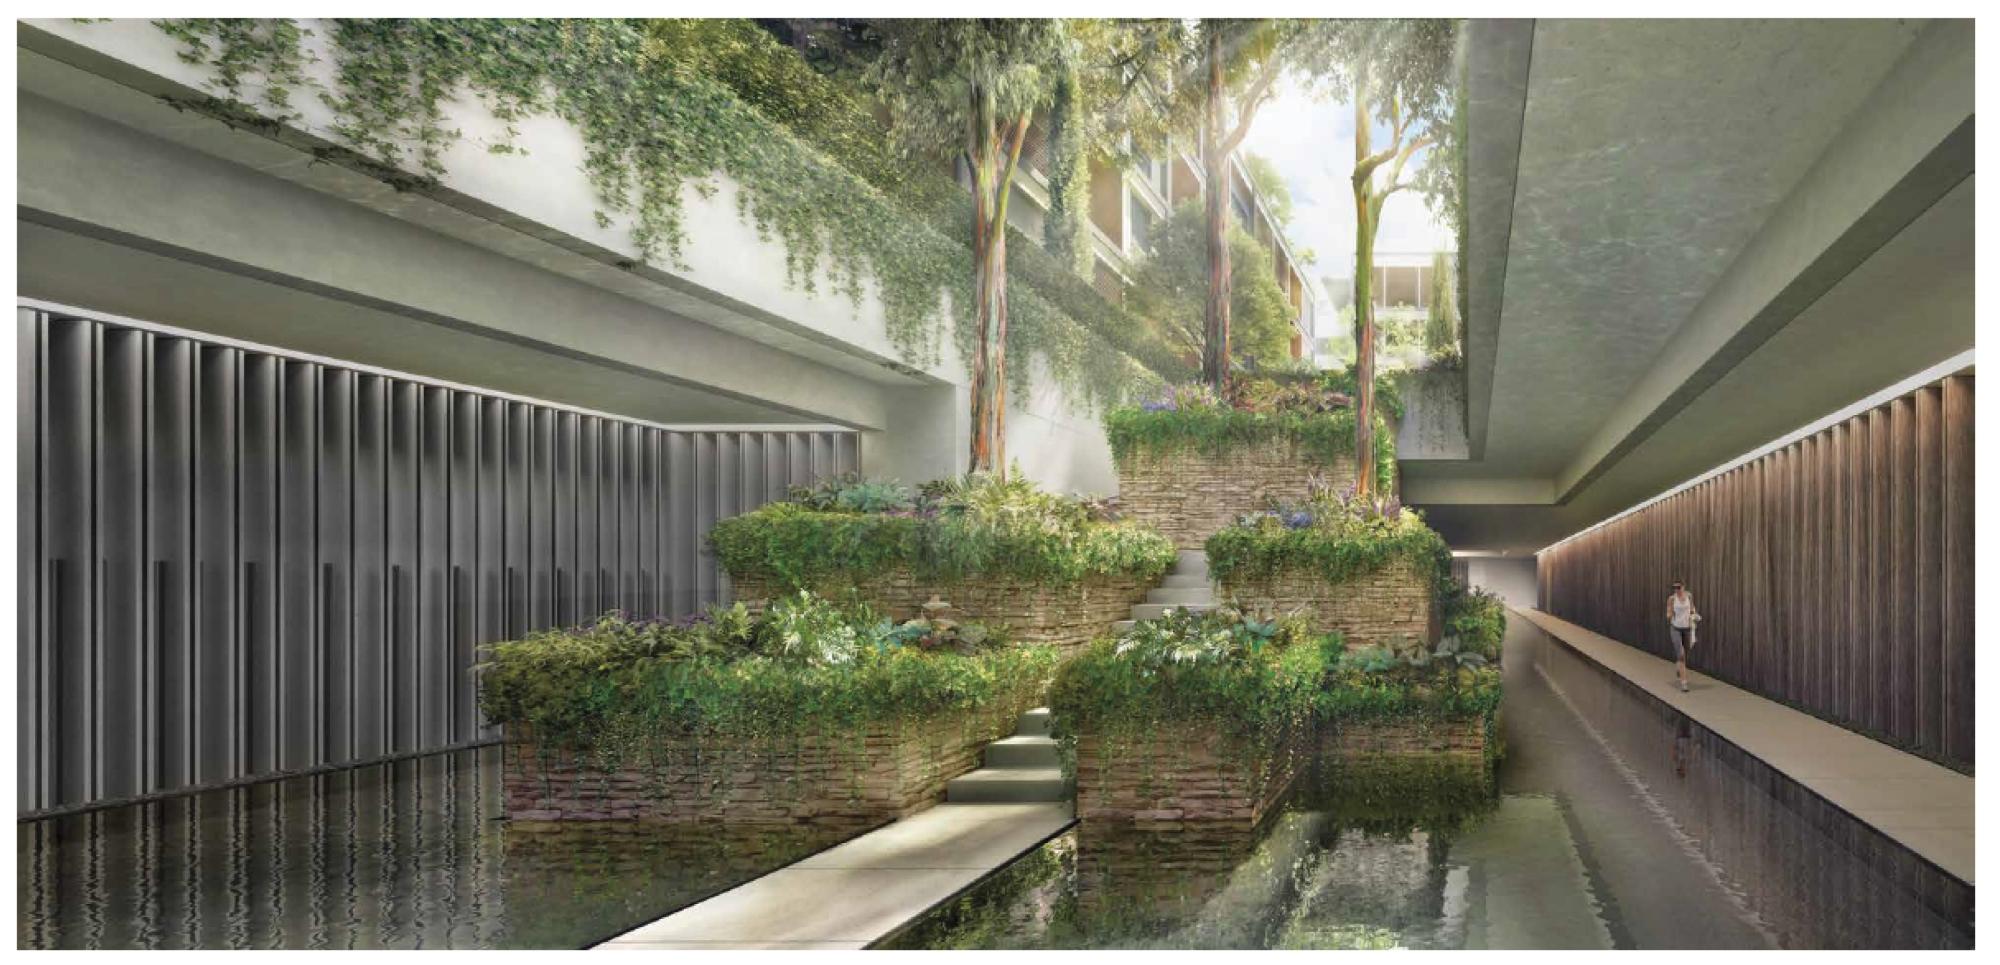 MeyerHouse image